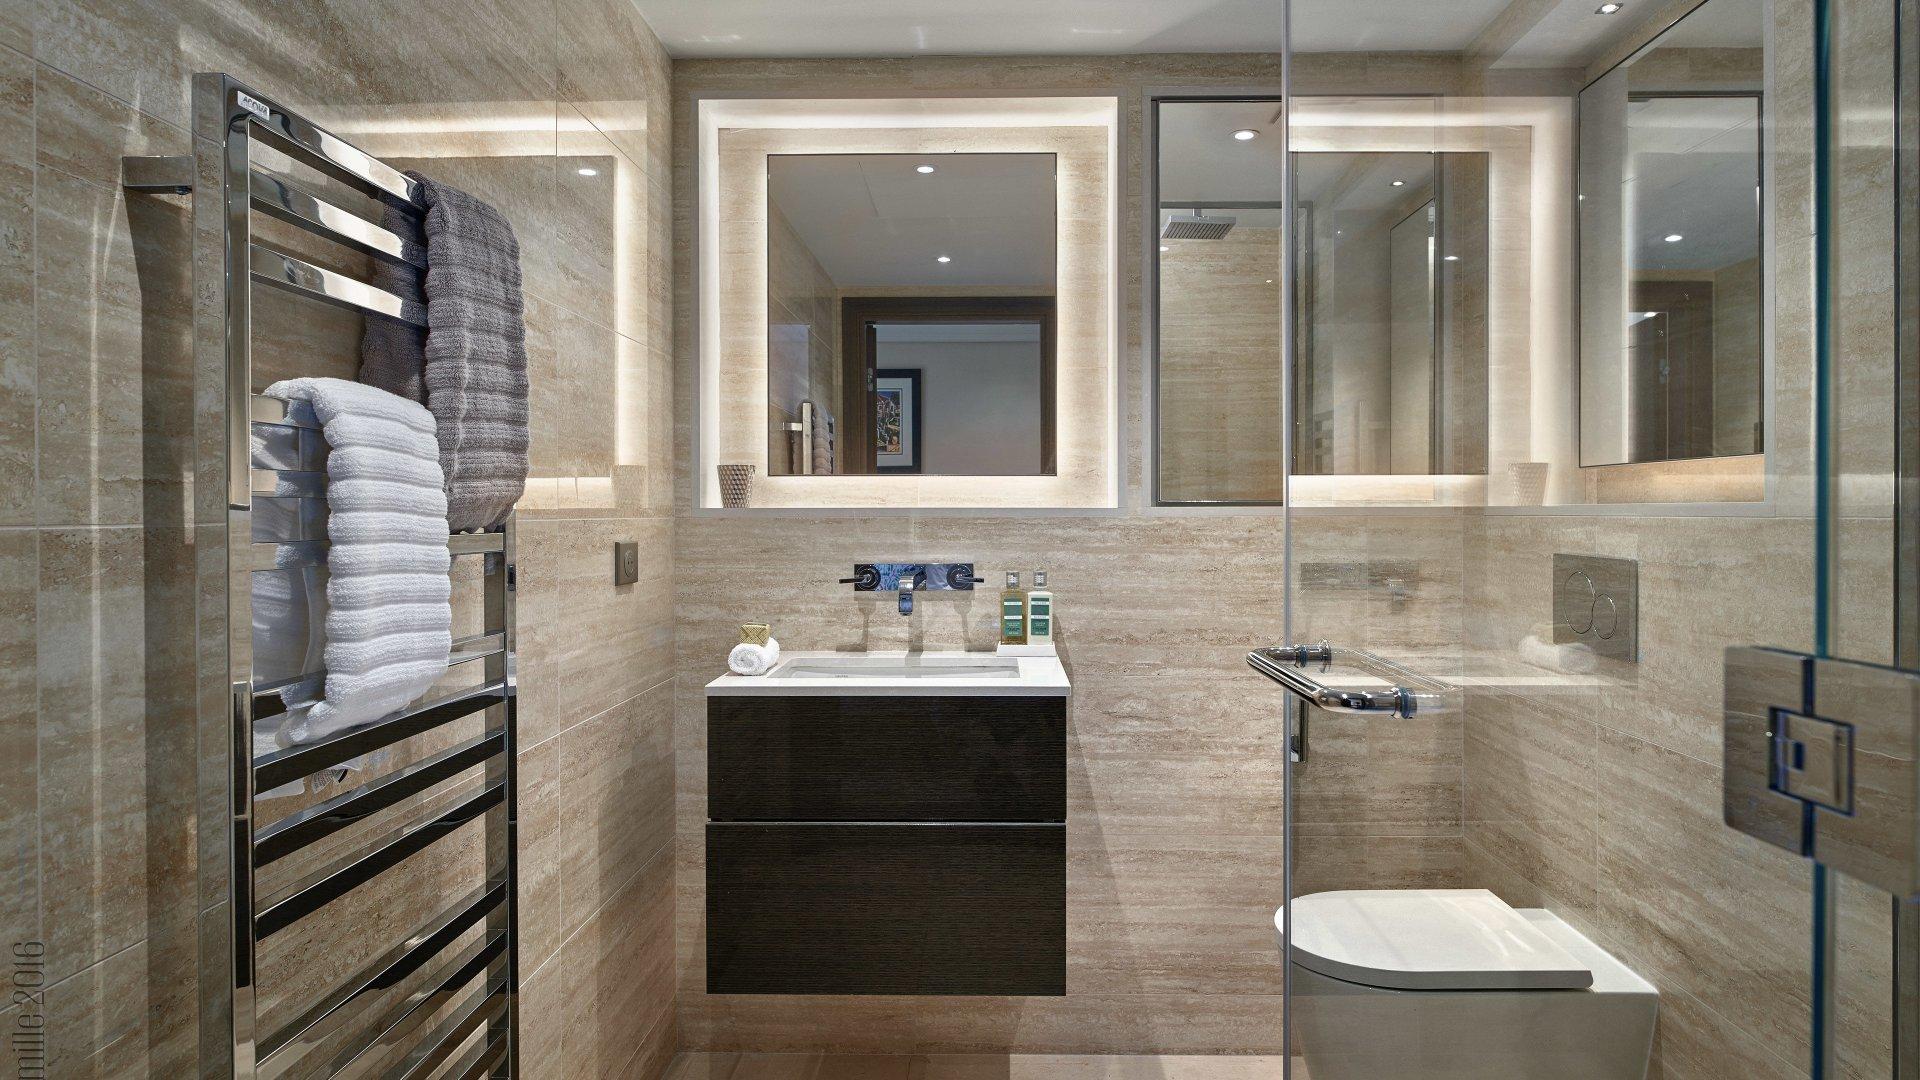 CAP D'ANTIBES -  Appartement neuf de 99m2 avec terrasse et balcon dans résidence d'exception - B12